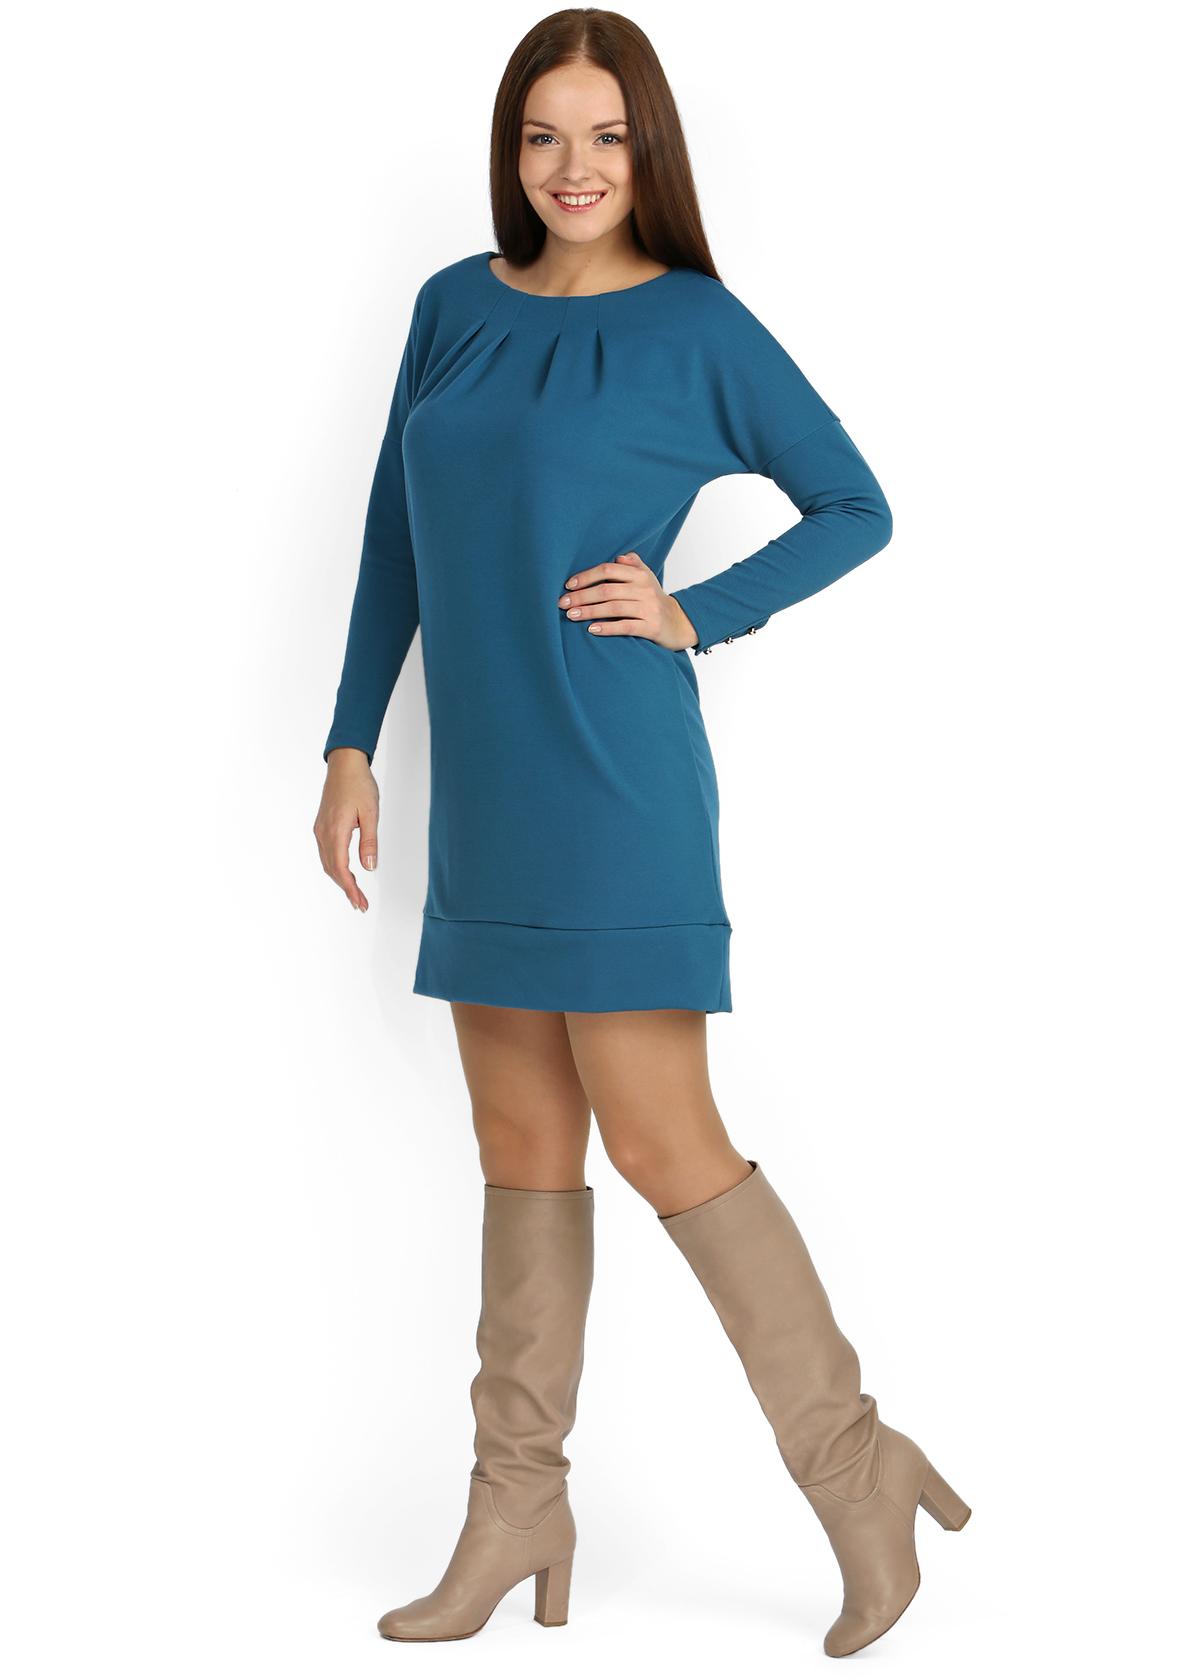 Трикотаж платье для беременной своими руками 31